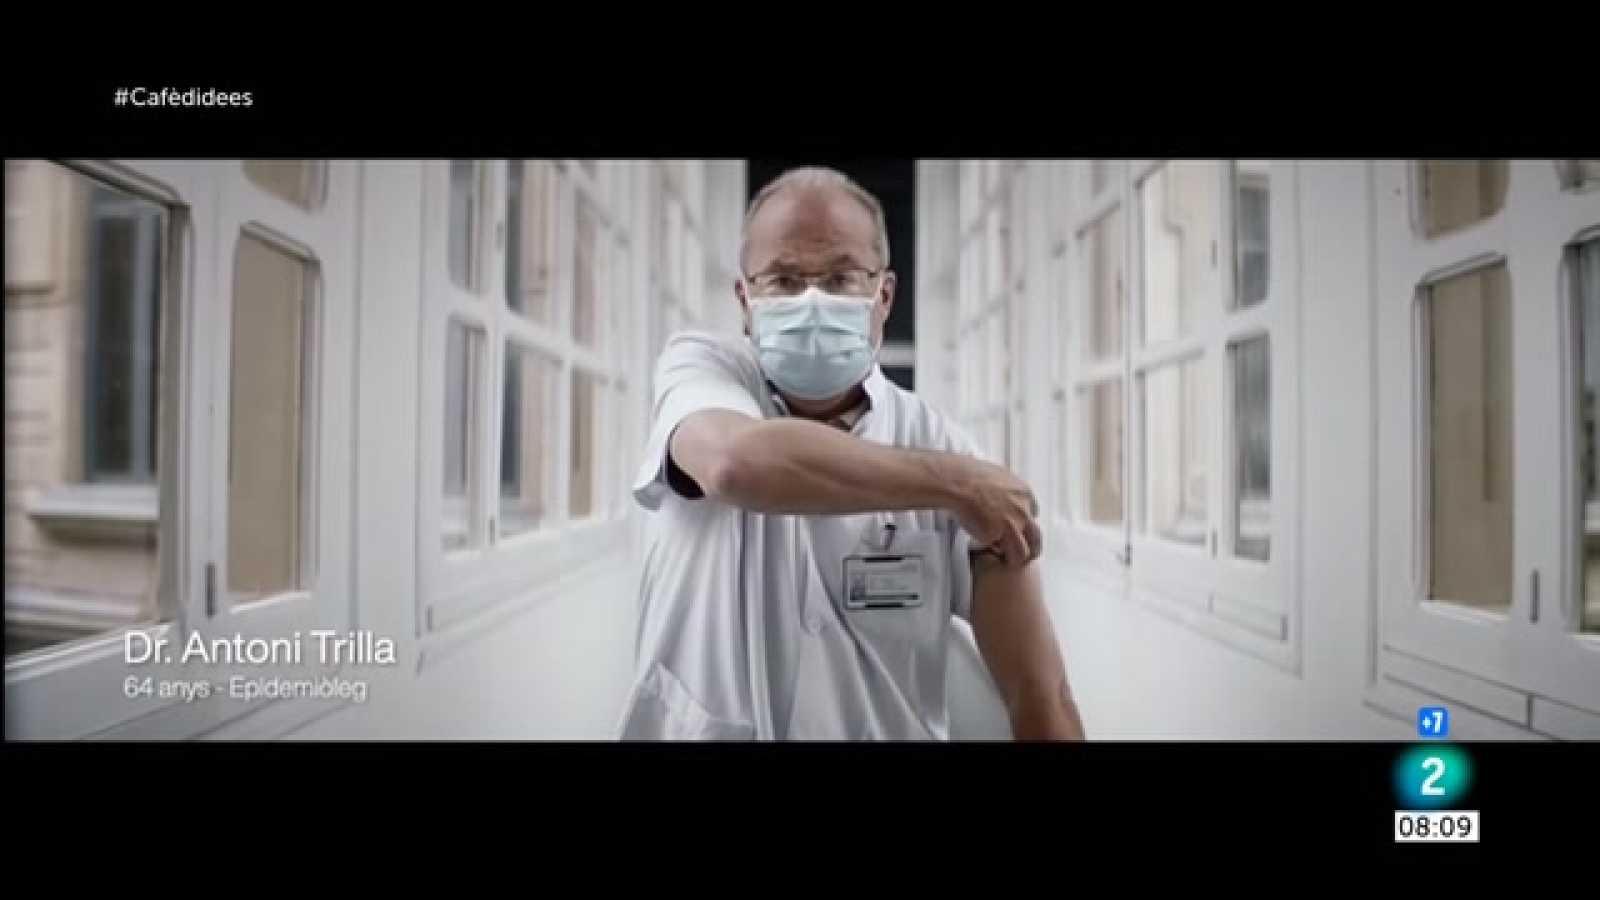 La Generalitat engega la campanya de conscienciació sobre la vacunació